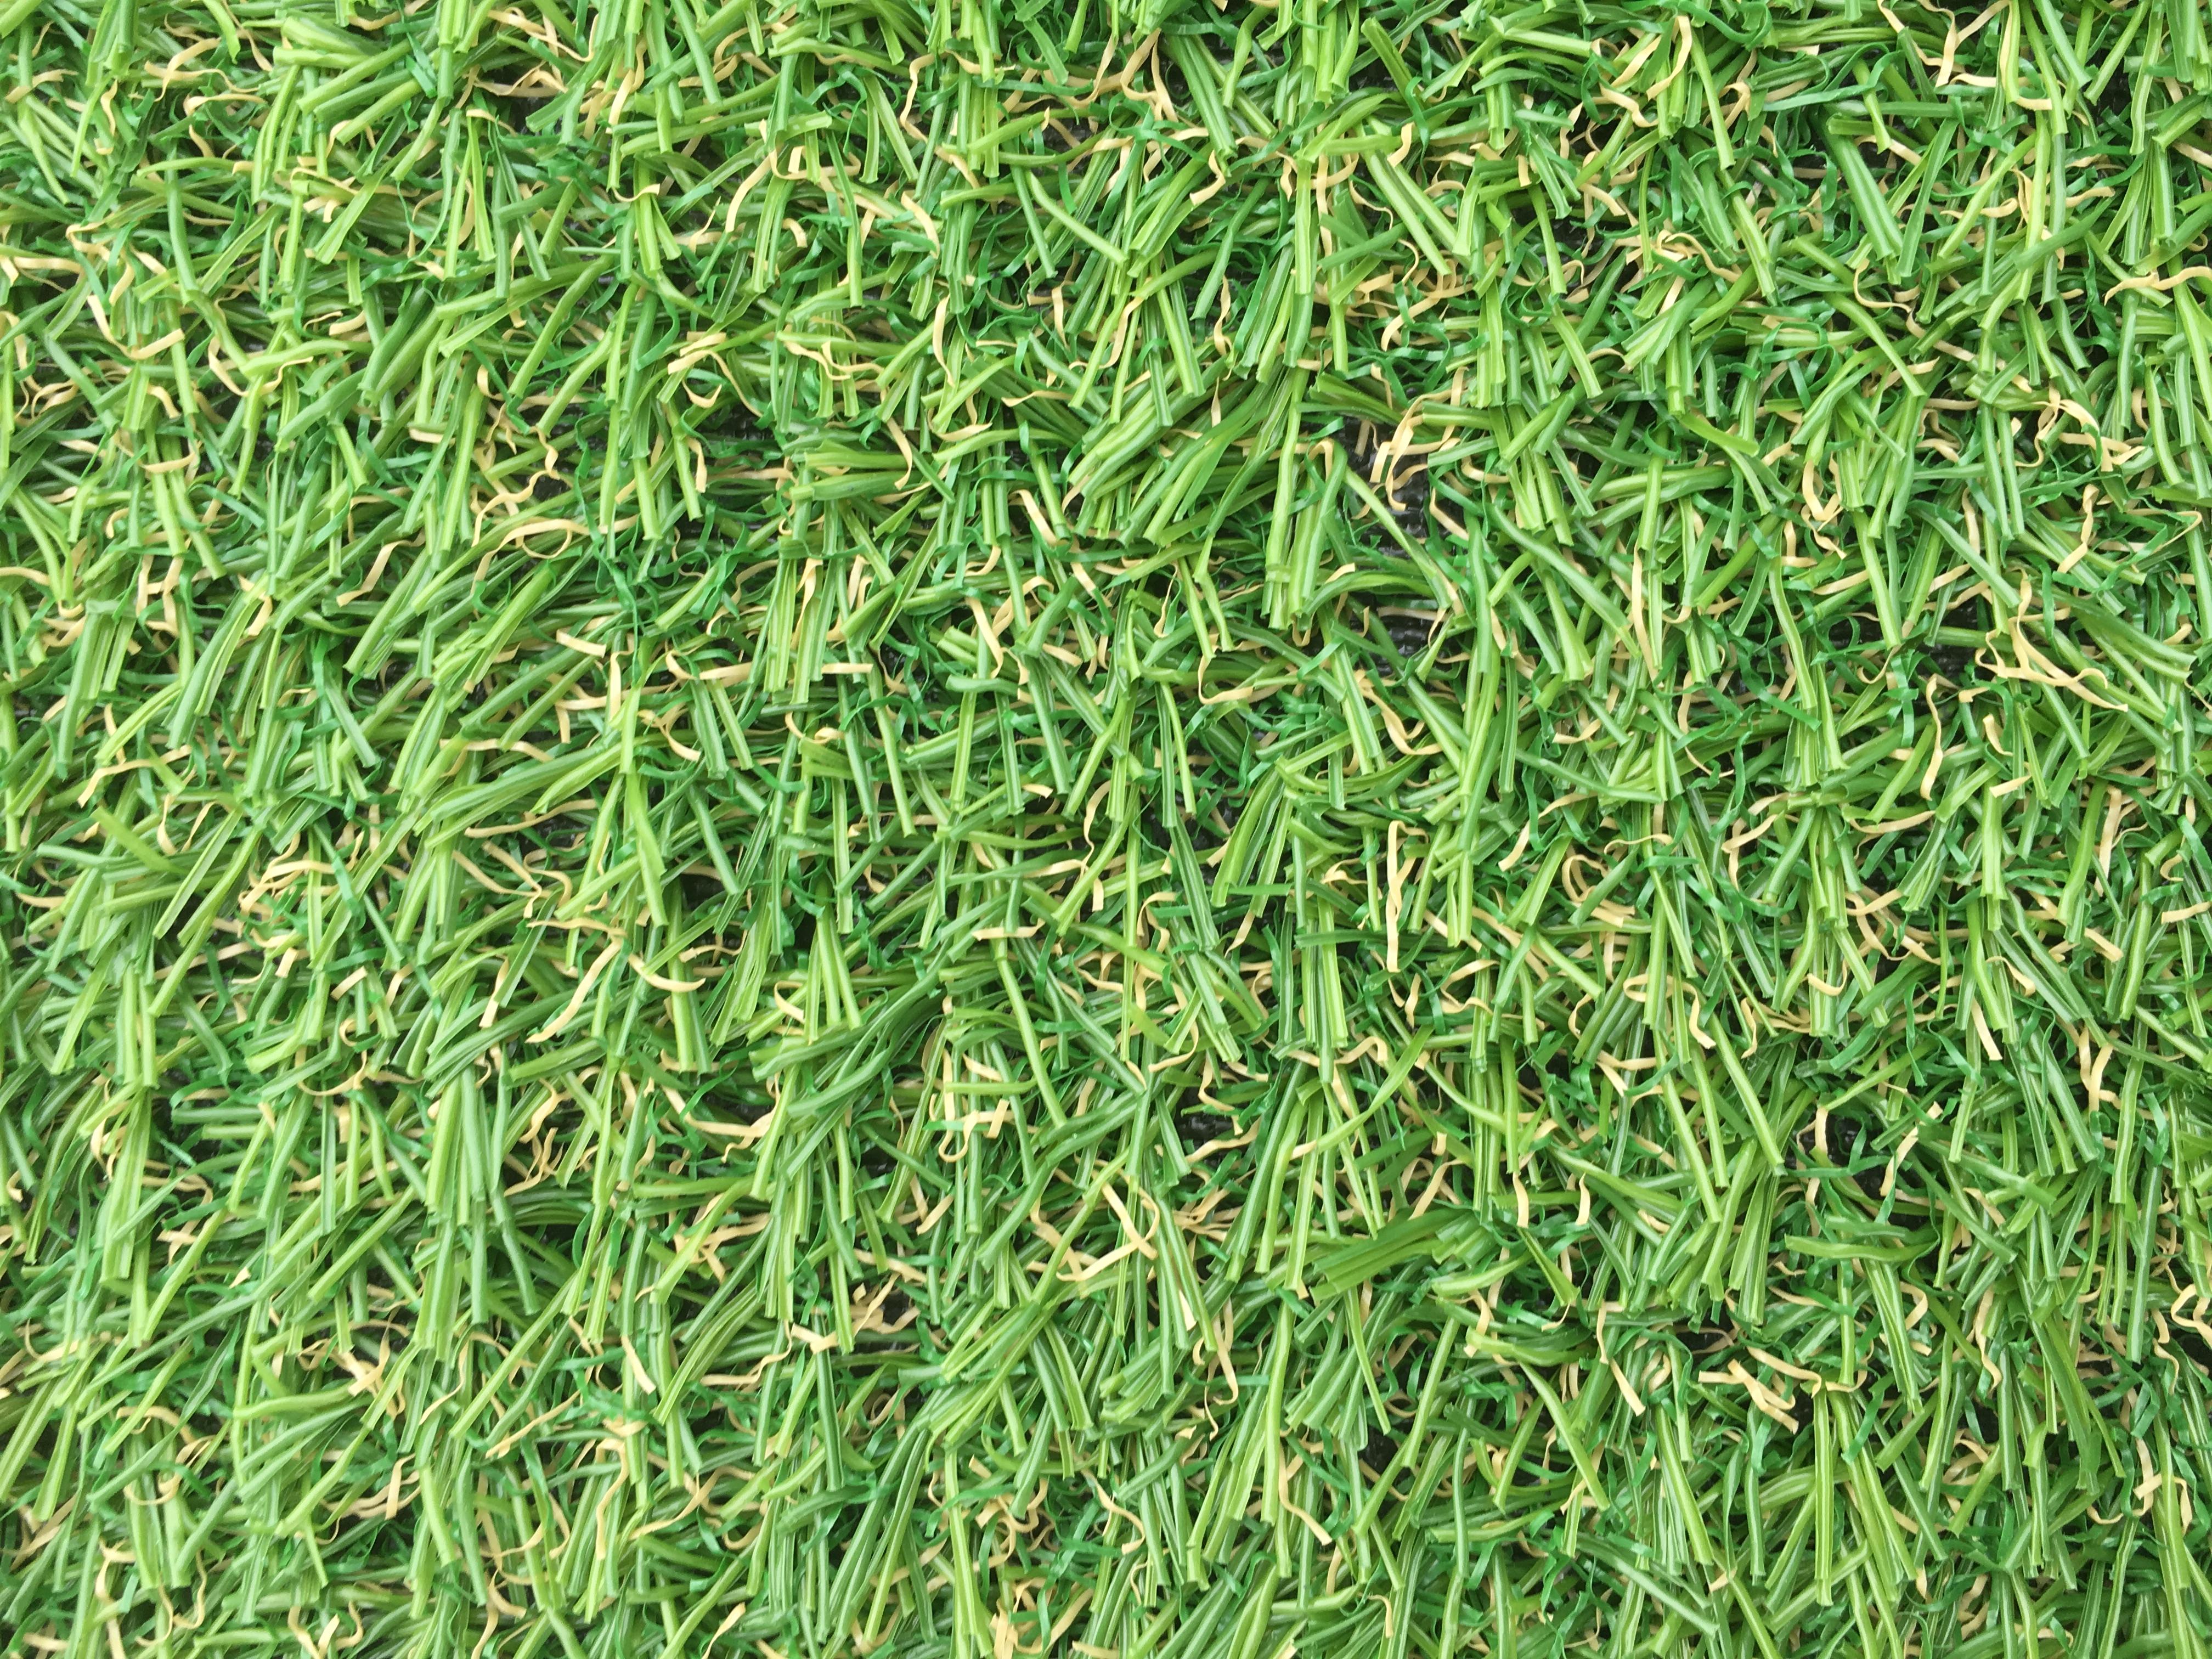 Covor Iarba Artificiala, Tip Gazon, Verde, Natura, 100% Polipropilena, 10 mm, 300x400 cm 0